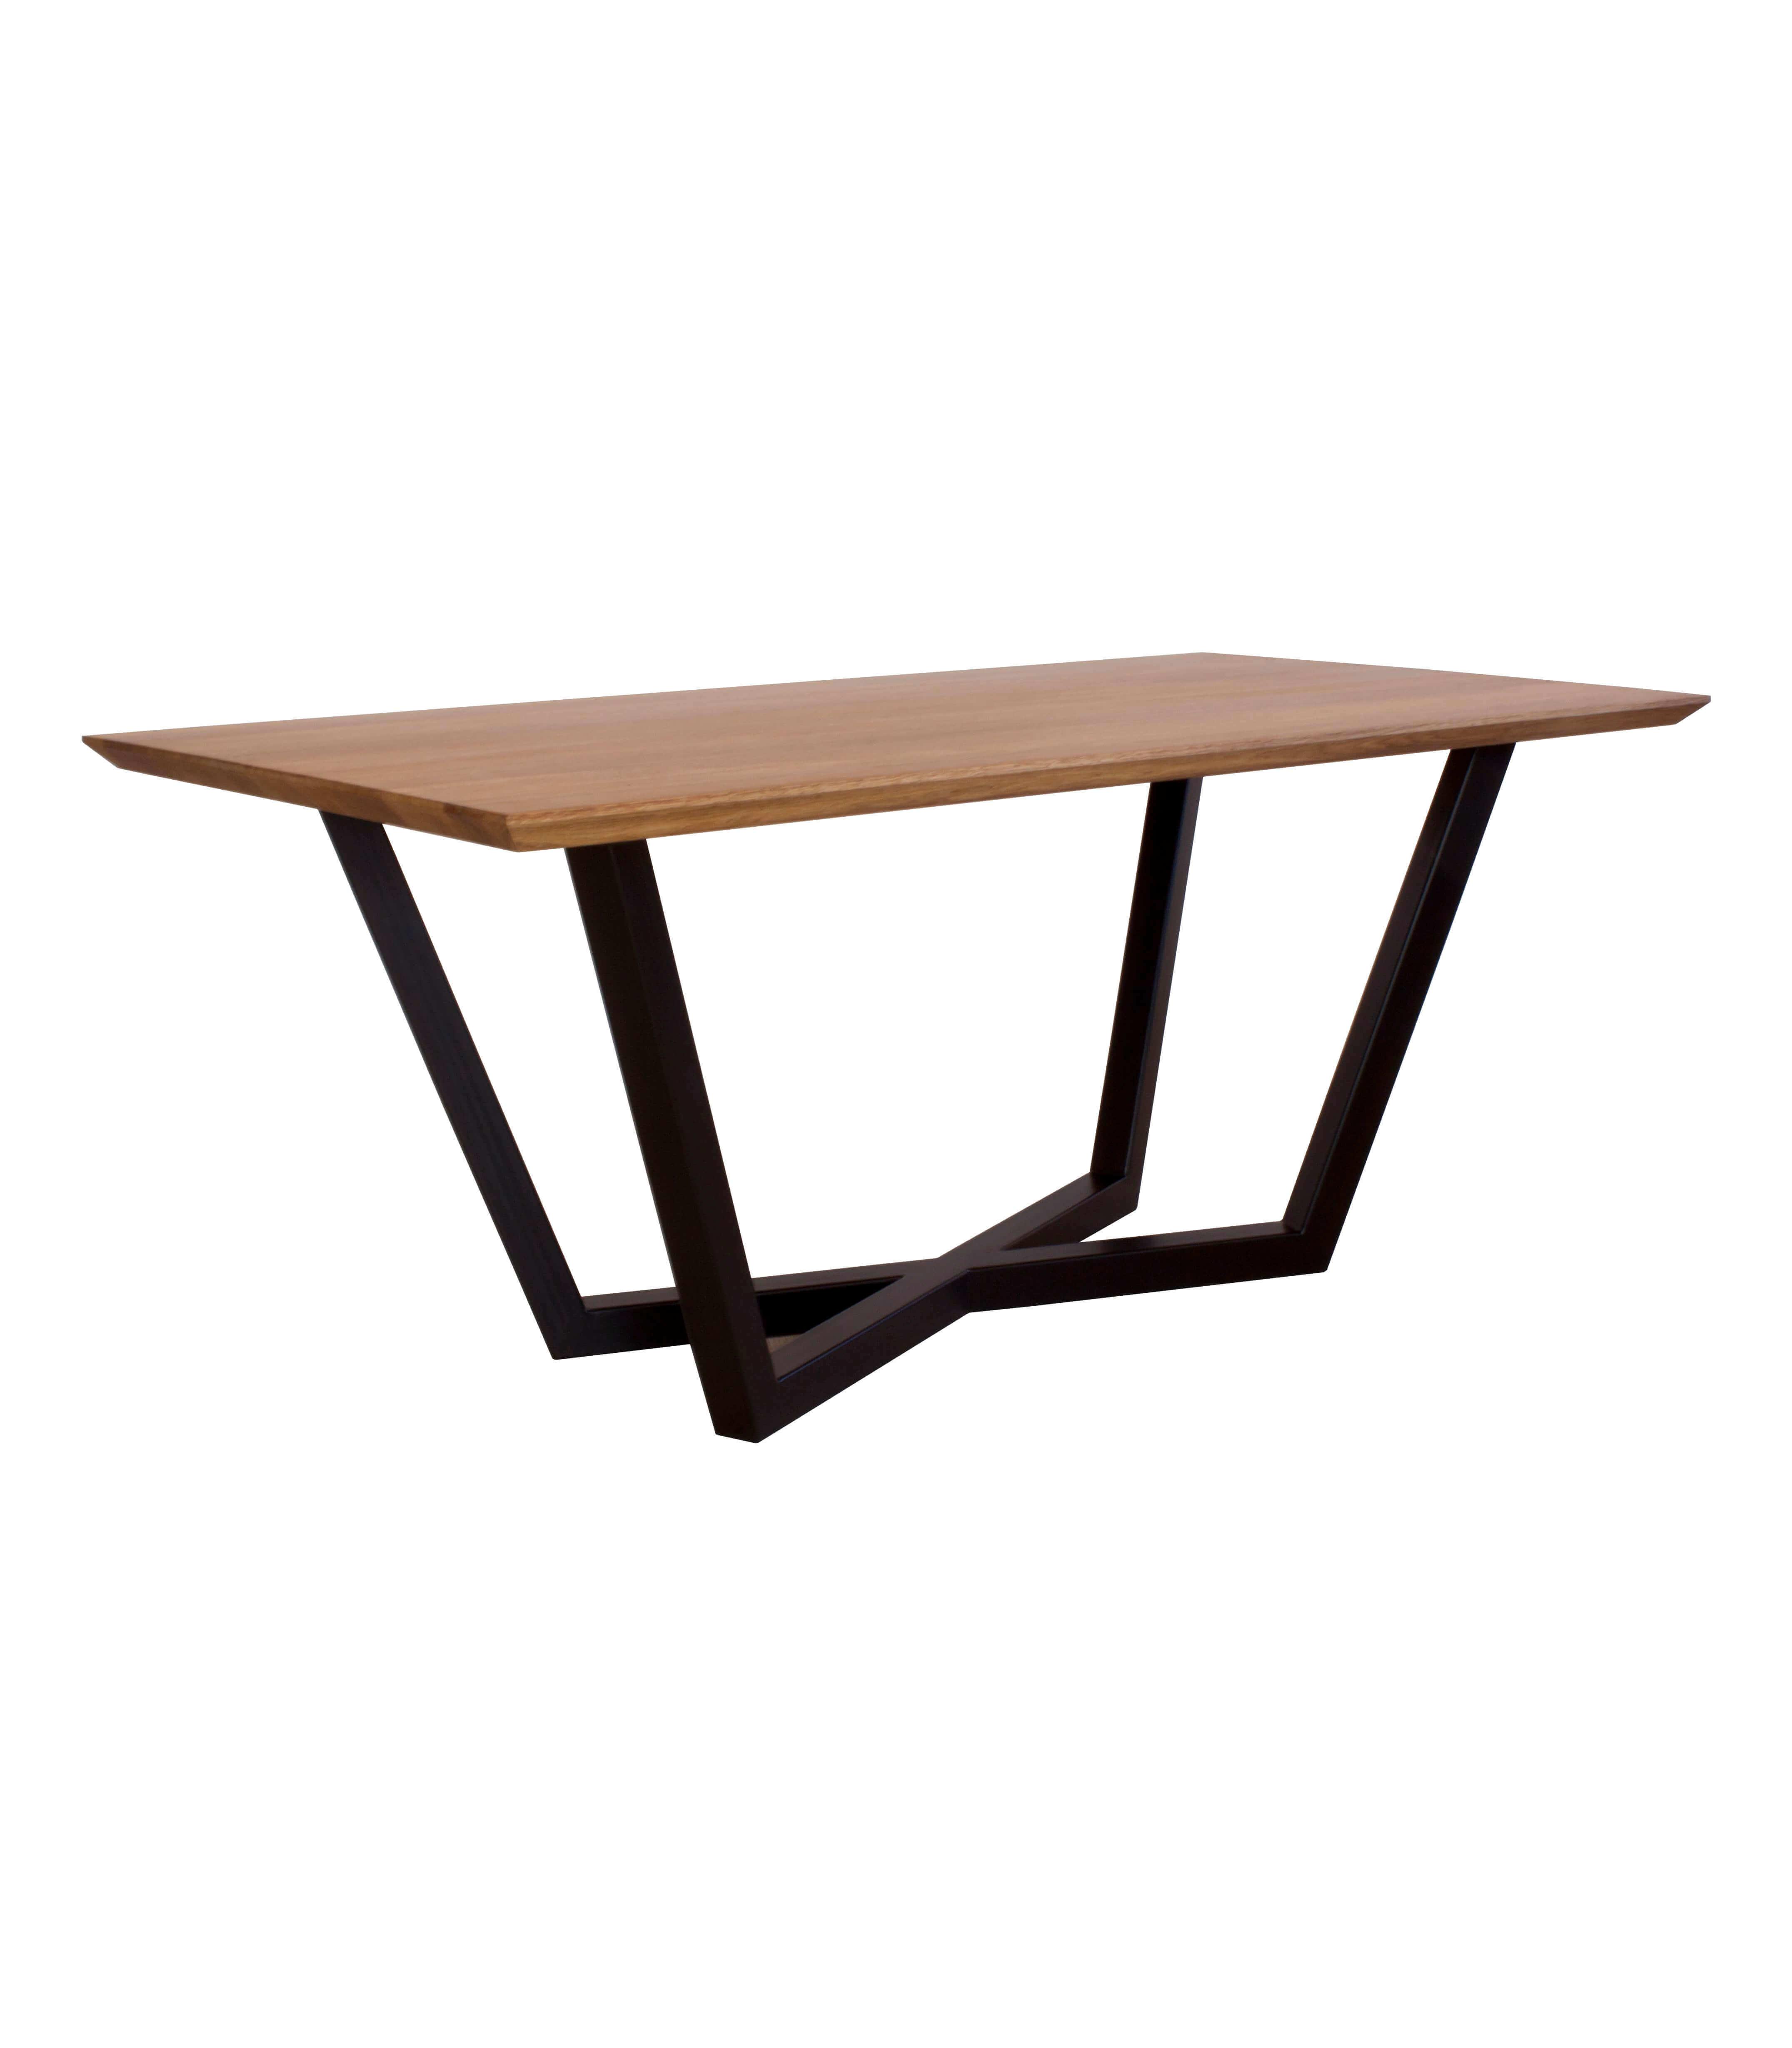 stół dębowy czarny drewniany blat do salonu nowoczesny